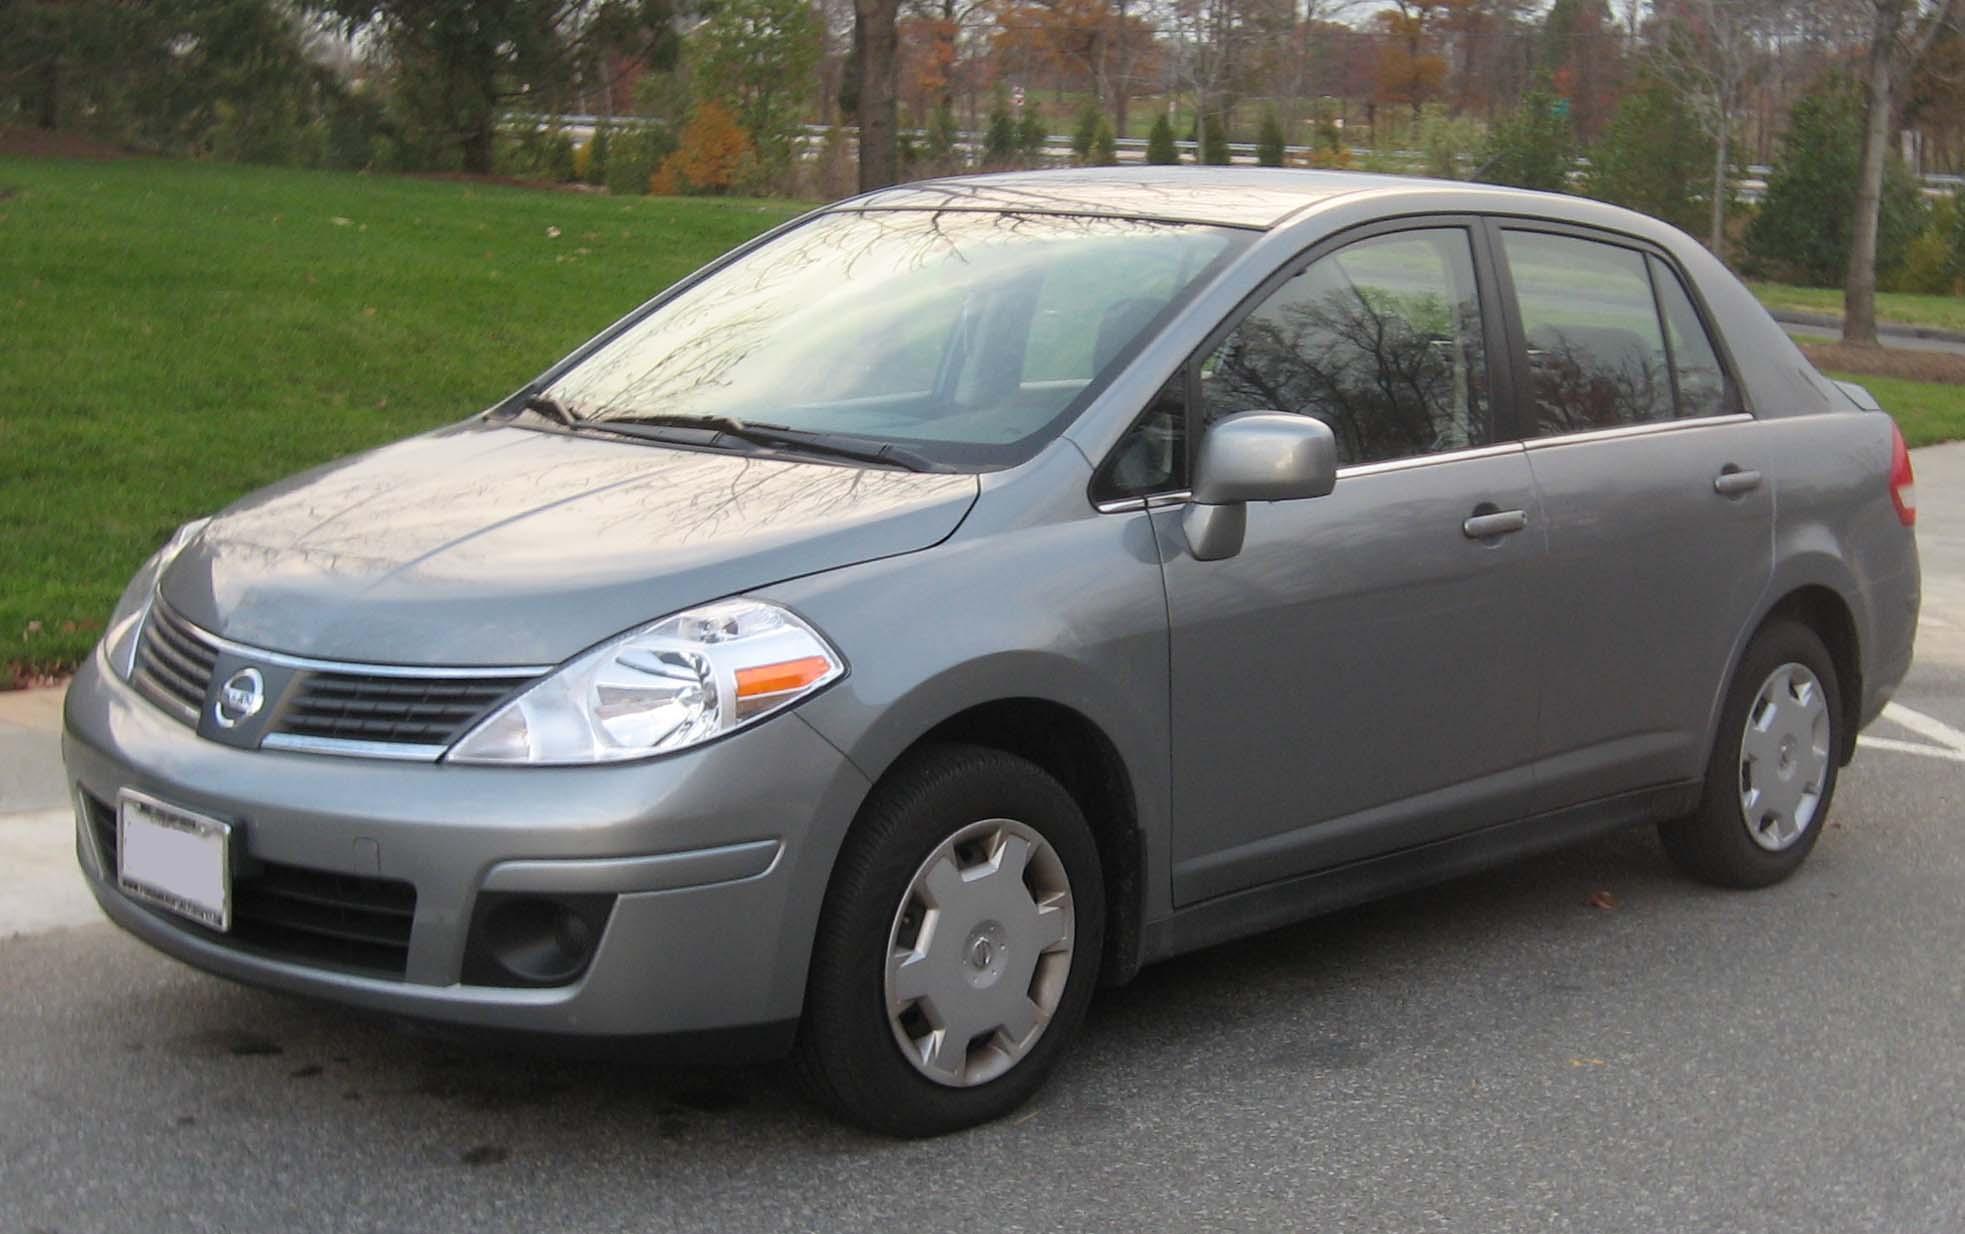 Nissan Tiida I 2004 - 2012 Hatchback 5 door #2